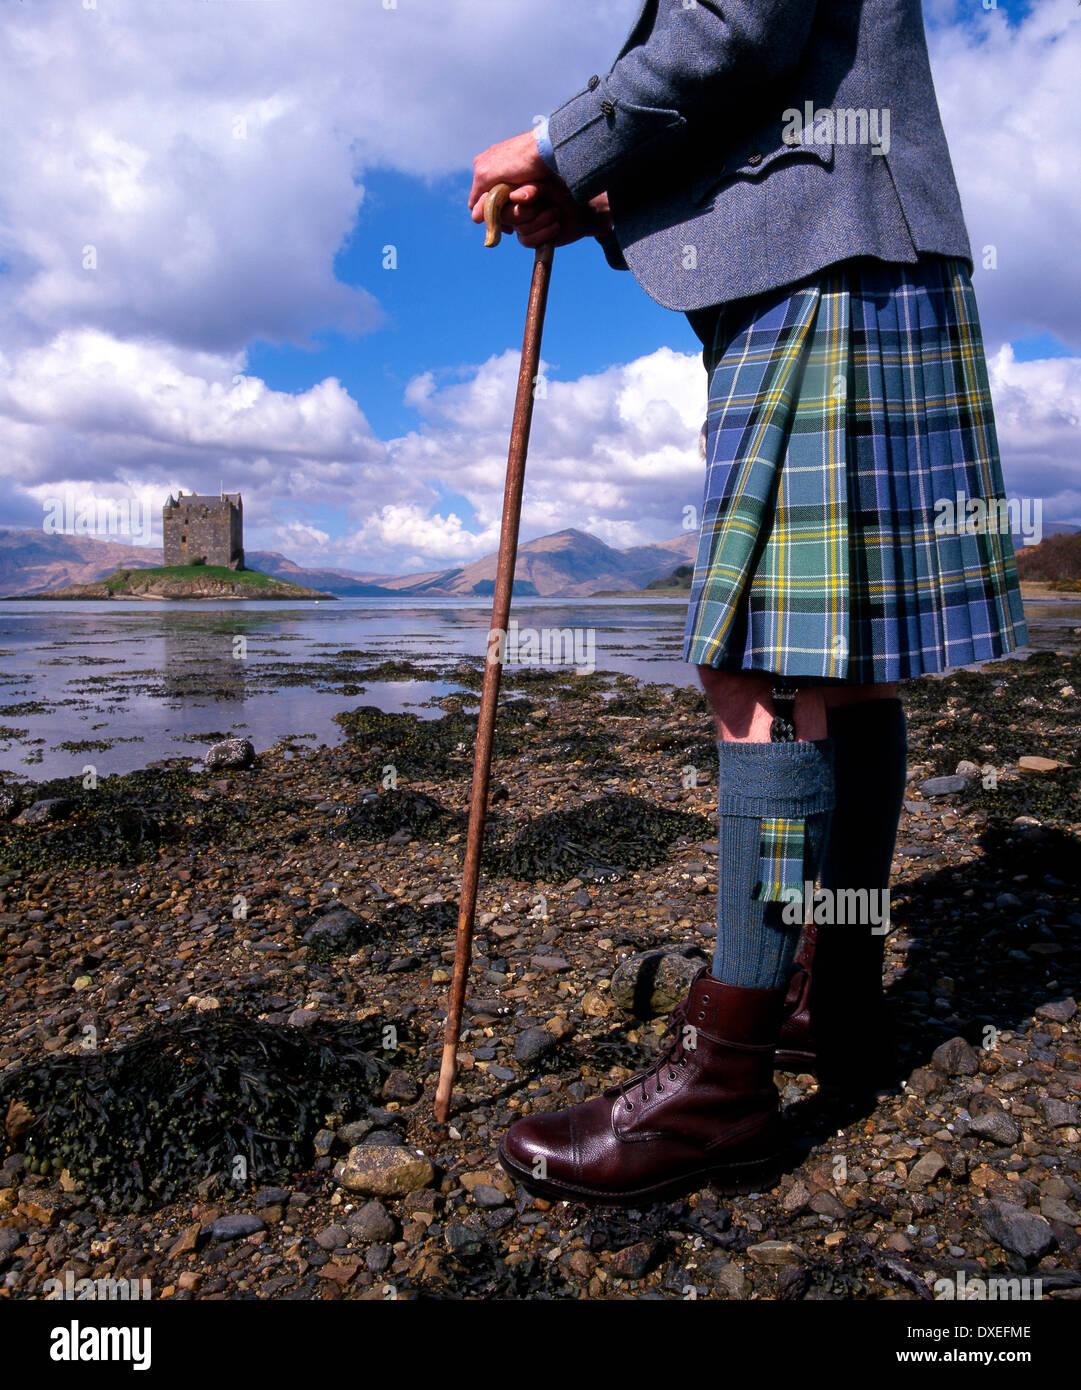 Highlander at Castle Stalker, Appin, Argyll - Stock Image